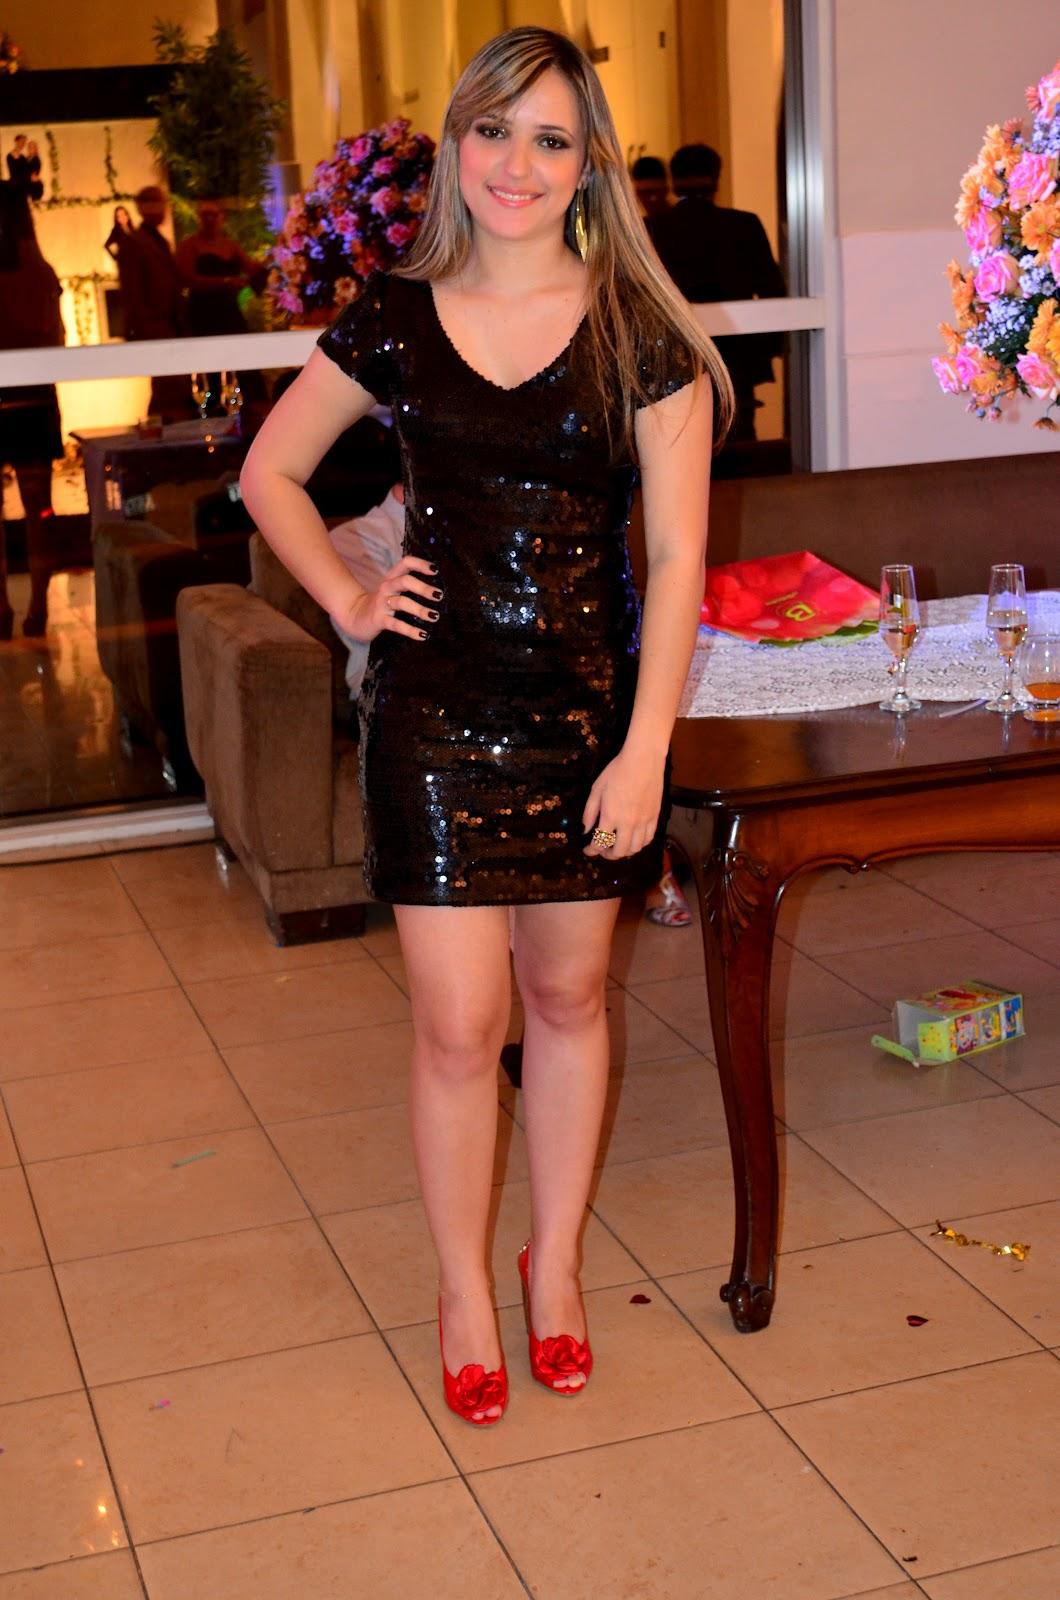 Vestido preto de paete com sapato vermelho